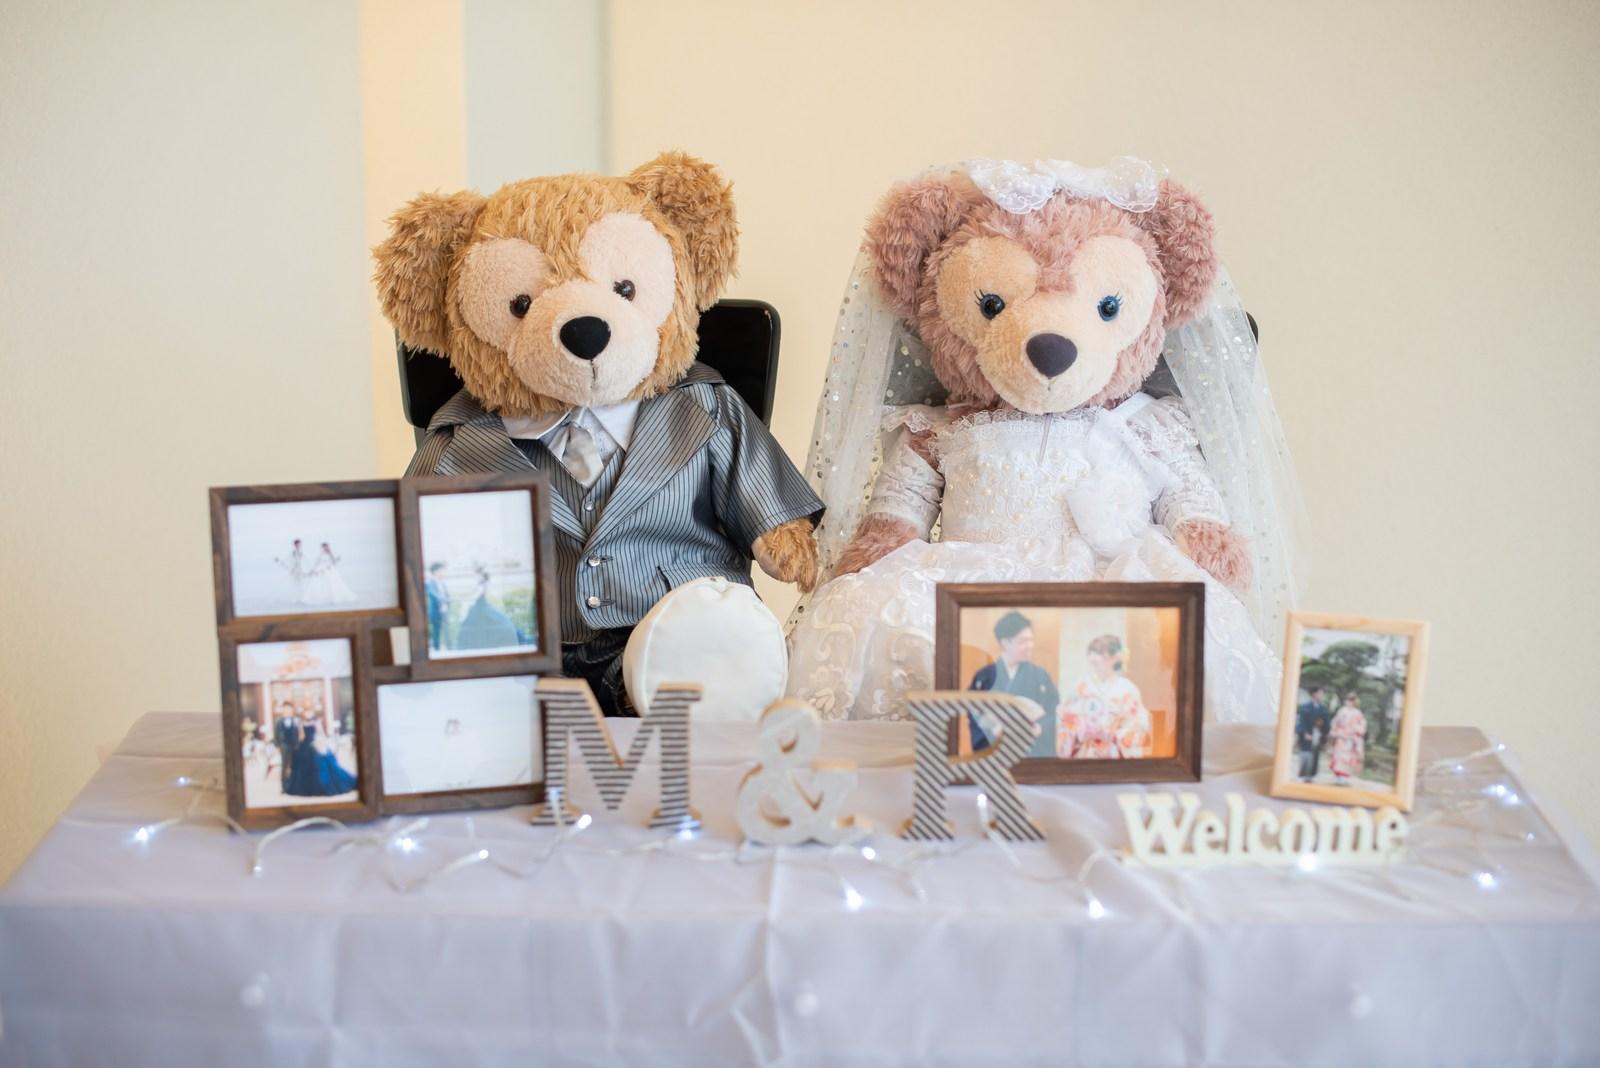 徳島市の結婚式場ブランアンジュでタキシードとウエディングドレスにおめかししたダッフィー&シェリーメイ